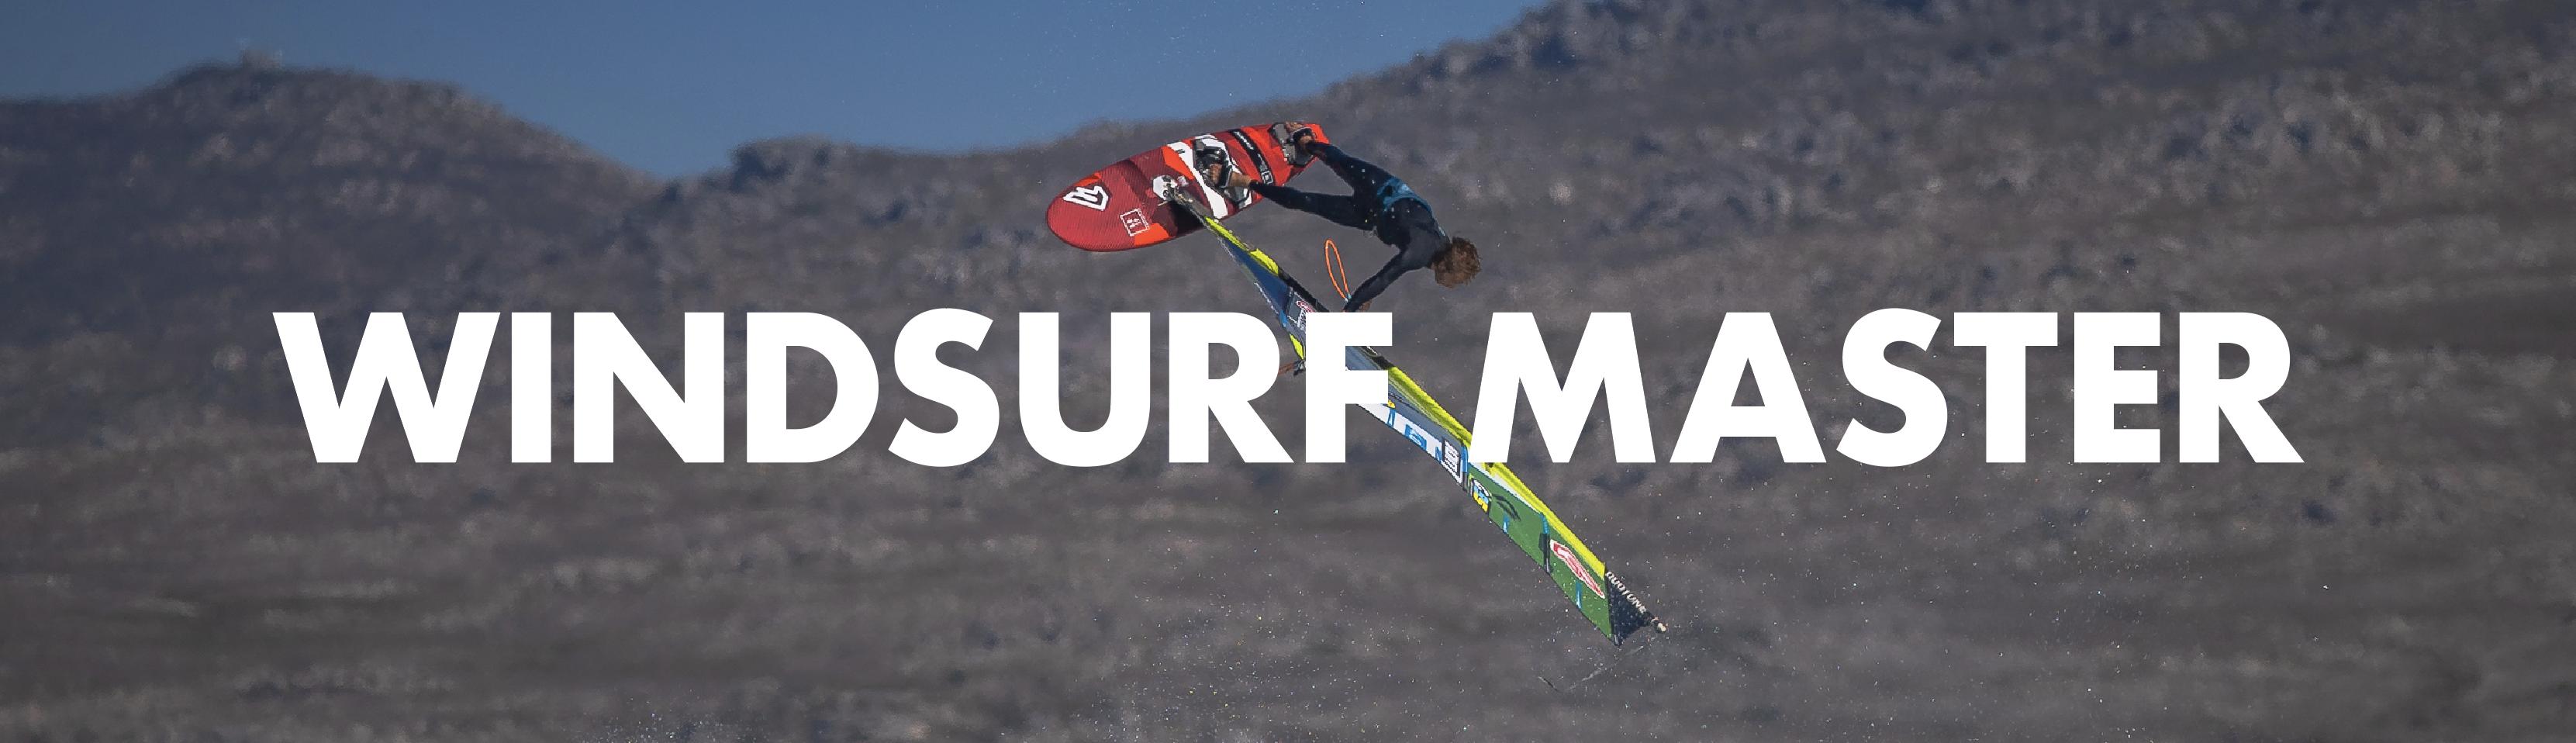 Windsurf Master - Surf og ski Horsens